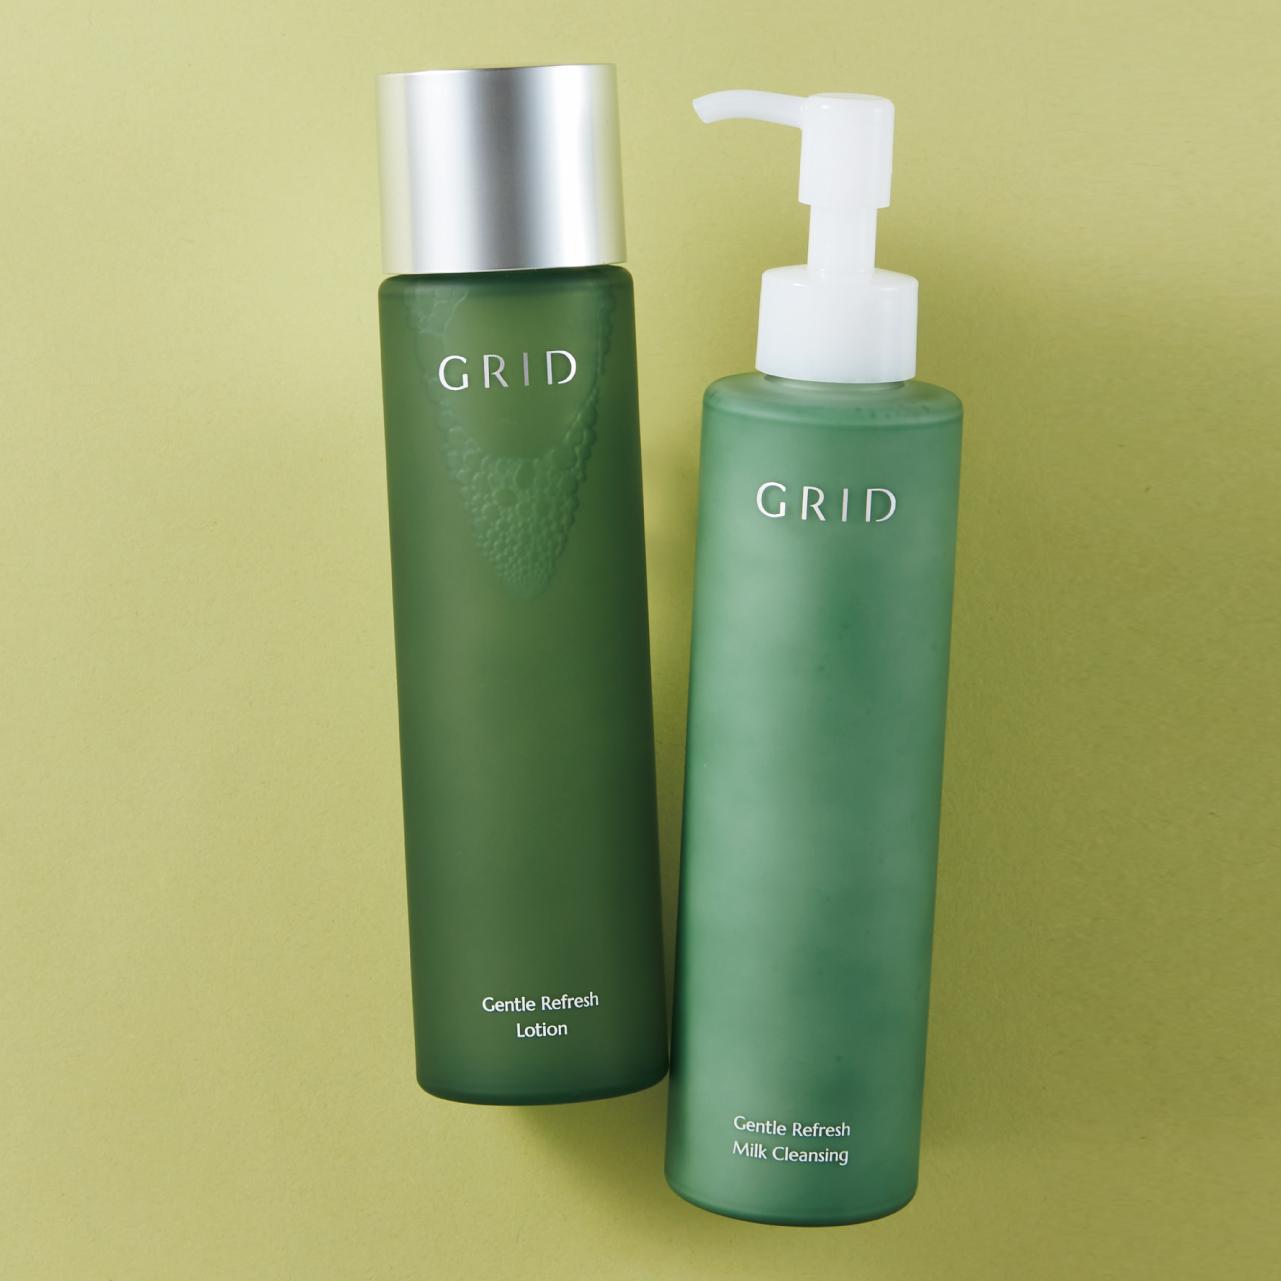 GRID ジェントル リフレッシュ ミルククレンジング、ローション [右から]クレンジング 200㎖ ¥4,950・化粧水 200㎖ ¥5,280/グリッド